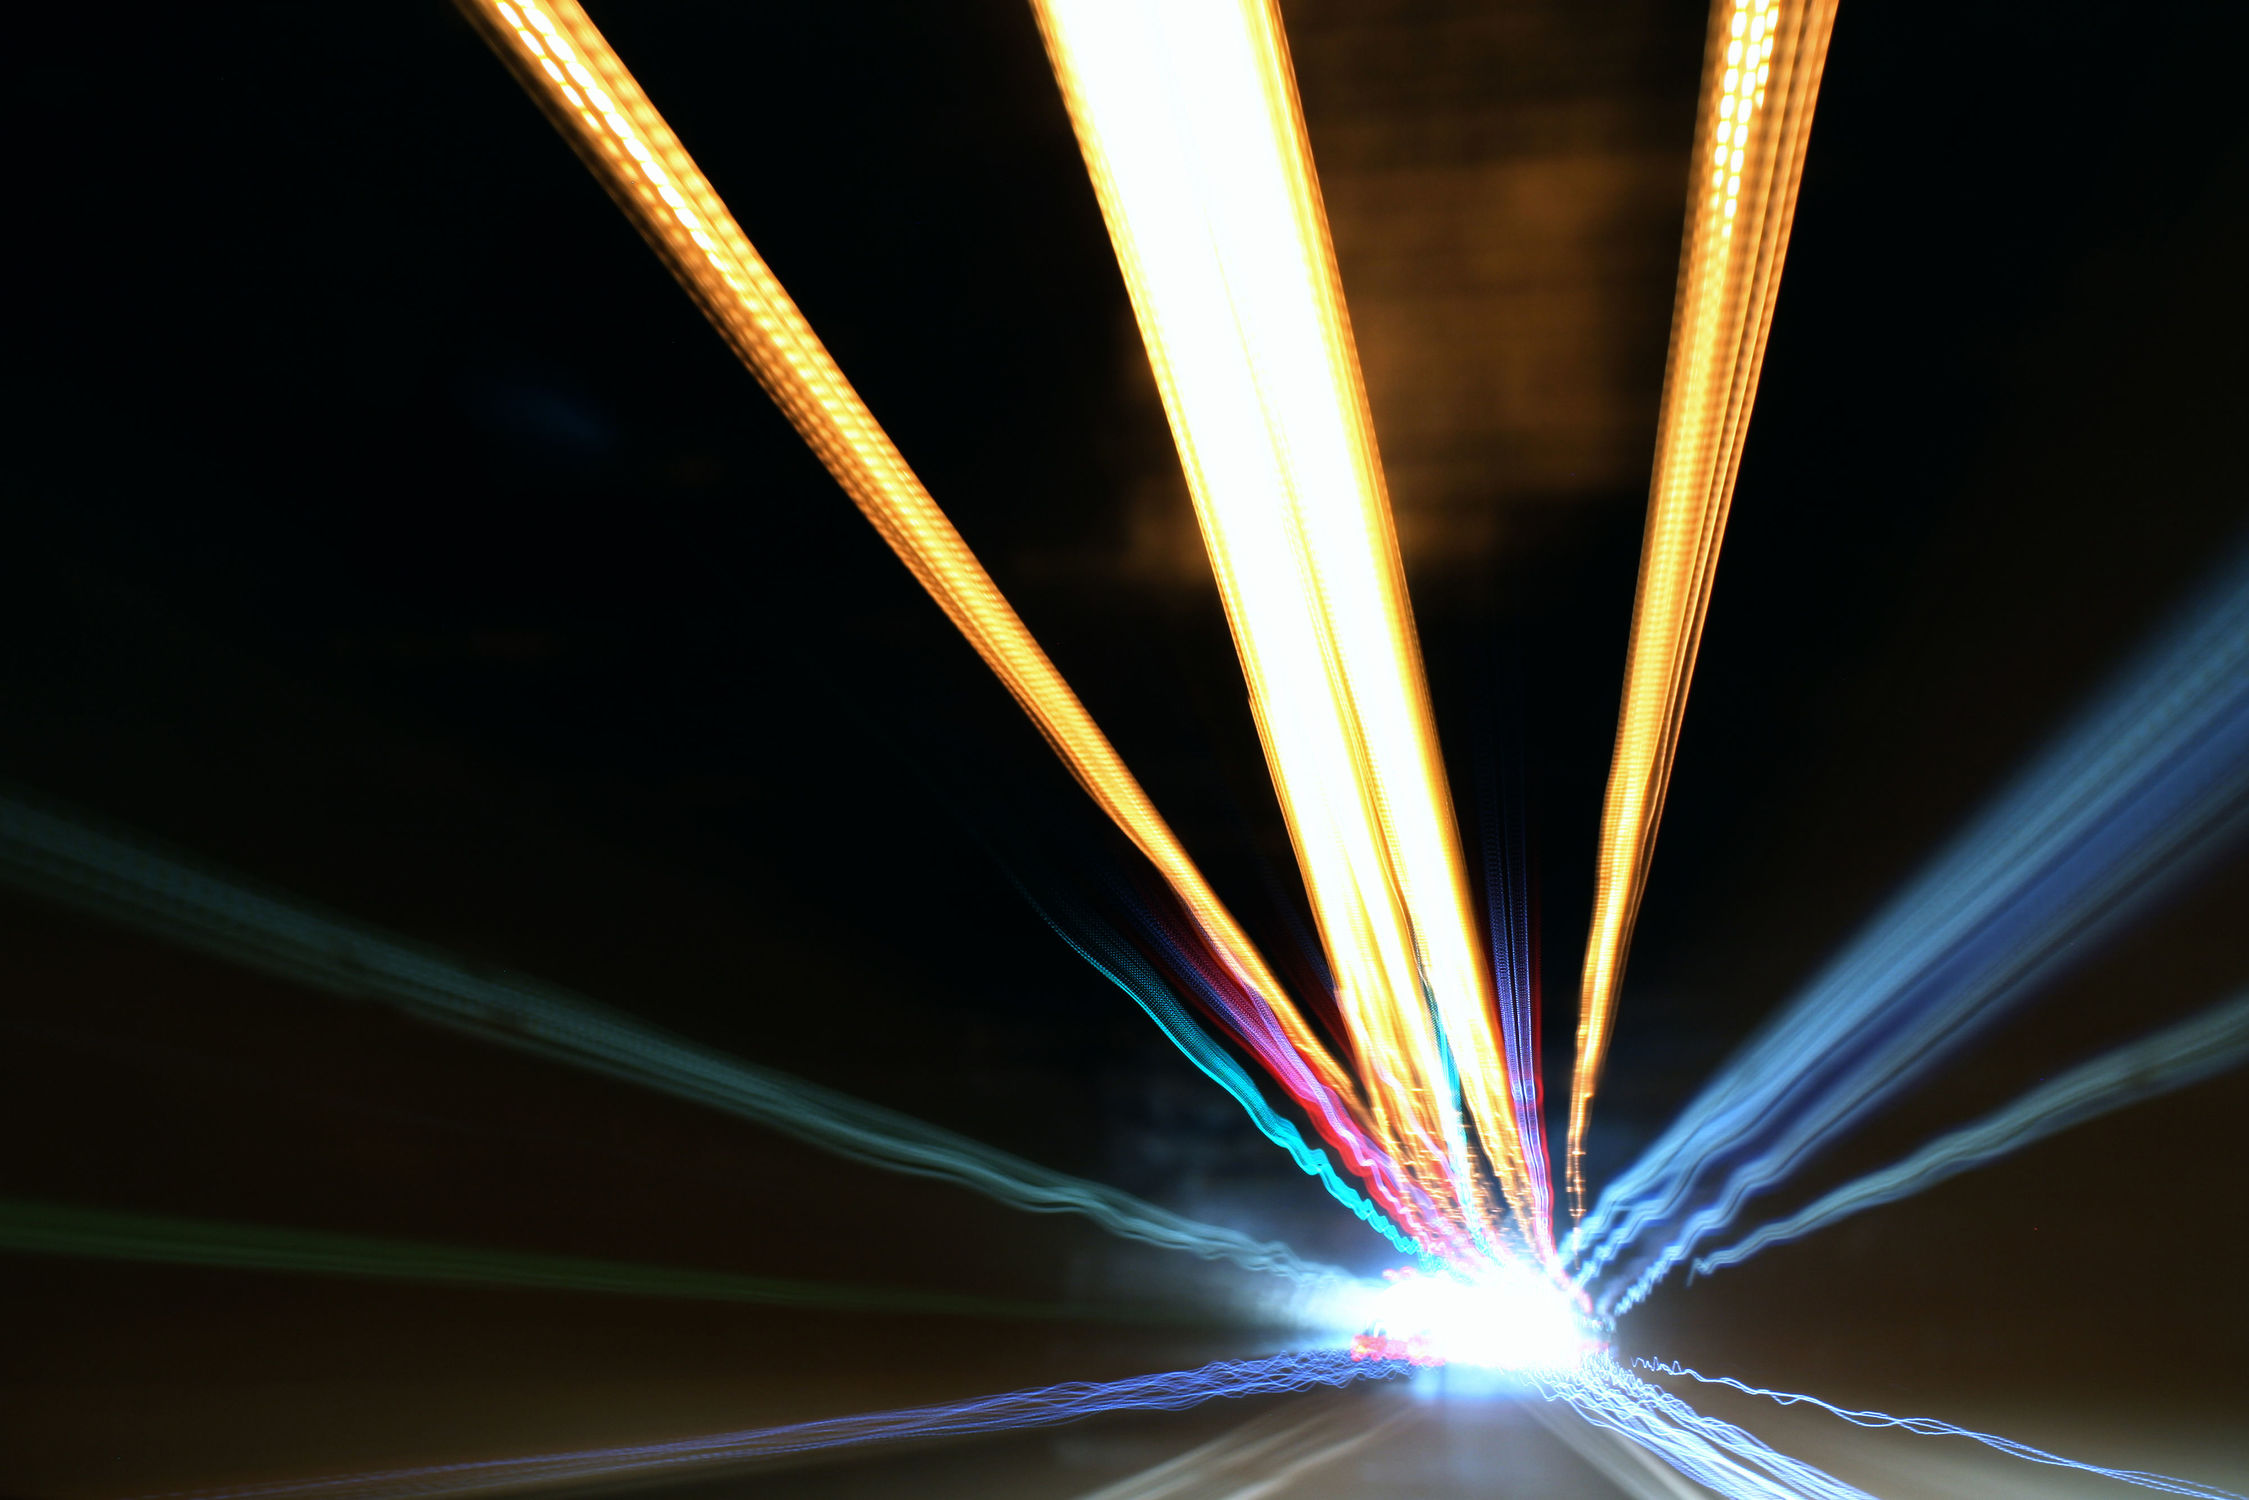 Bild mit Fahrzeuge, Autos, Straßen, Licht, tunnel, Fahren, Straße, Auto, Lichter, Strahlen, tunnelblick, autobahn, fahrezug